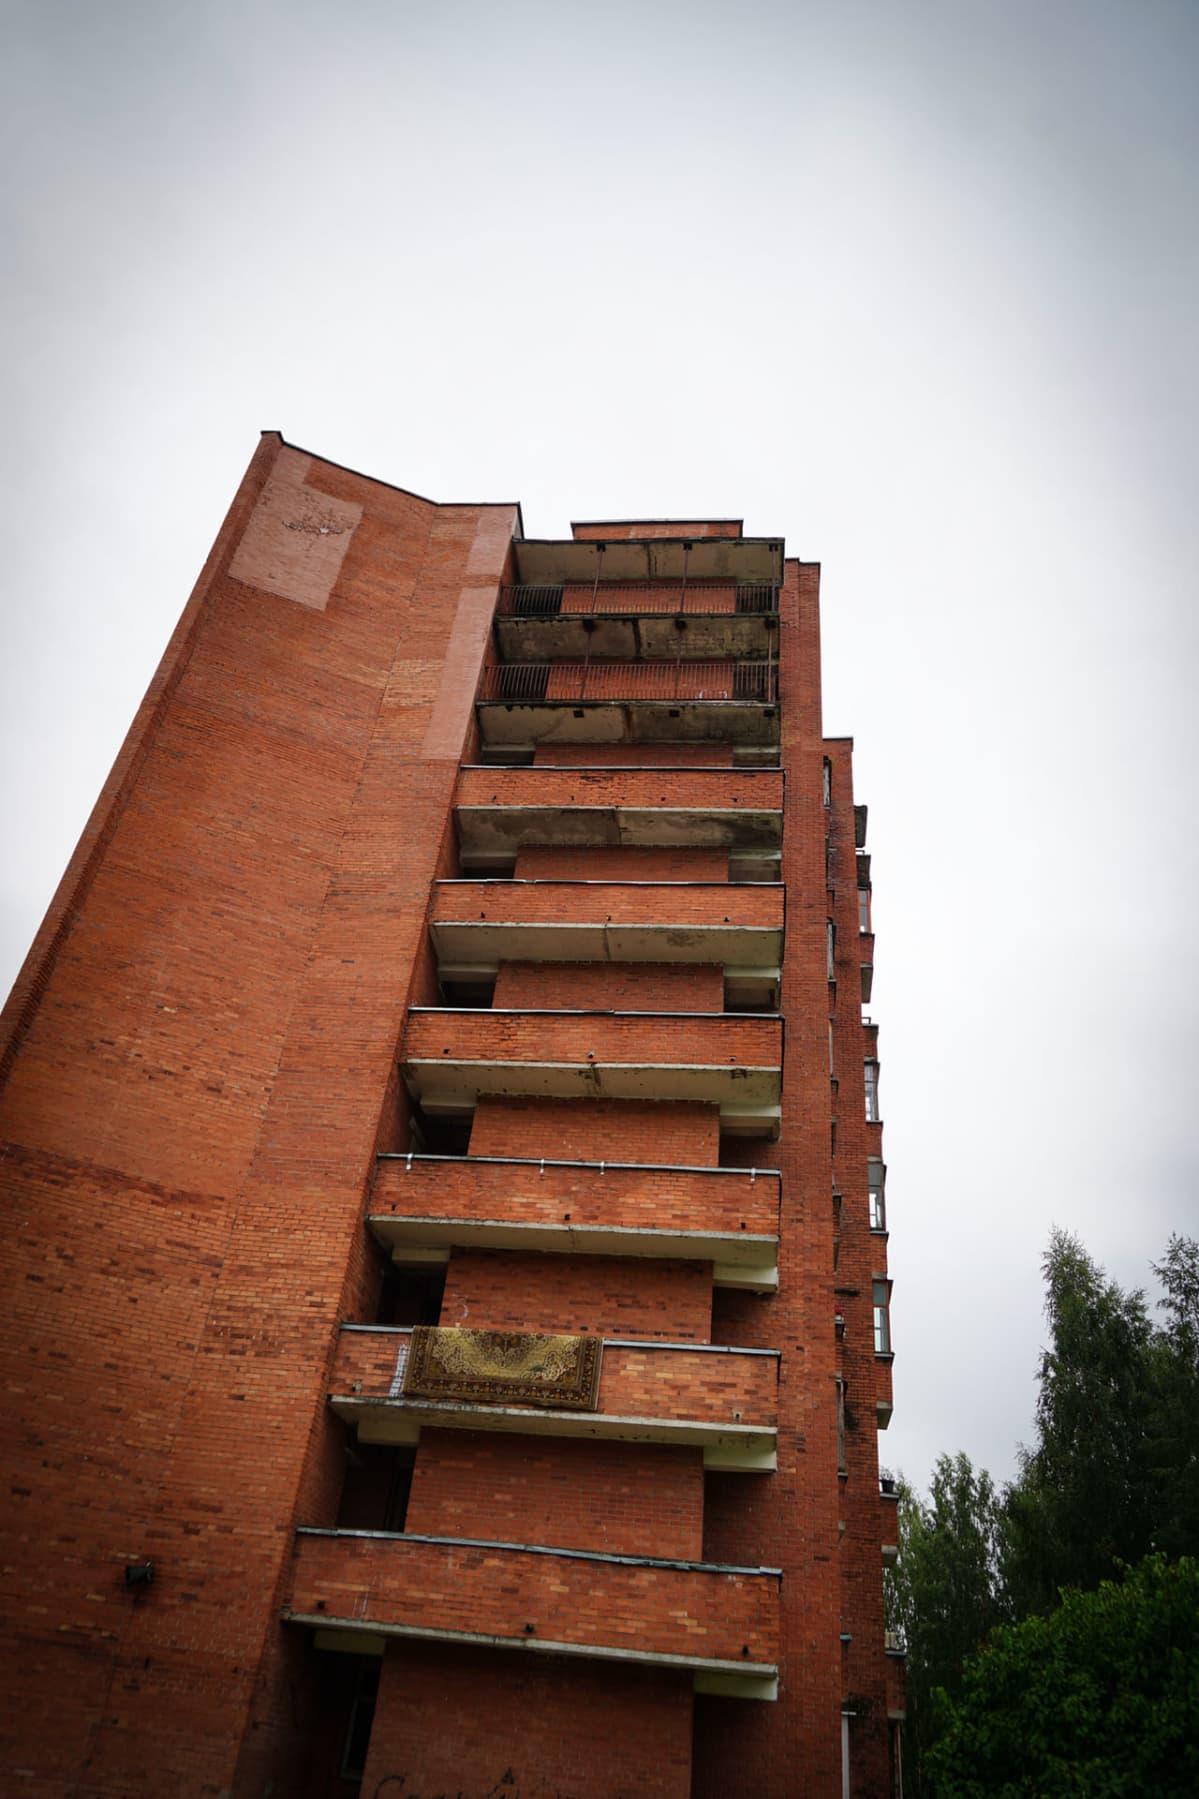 Chernobyl Sarja